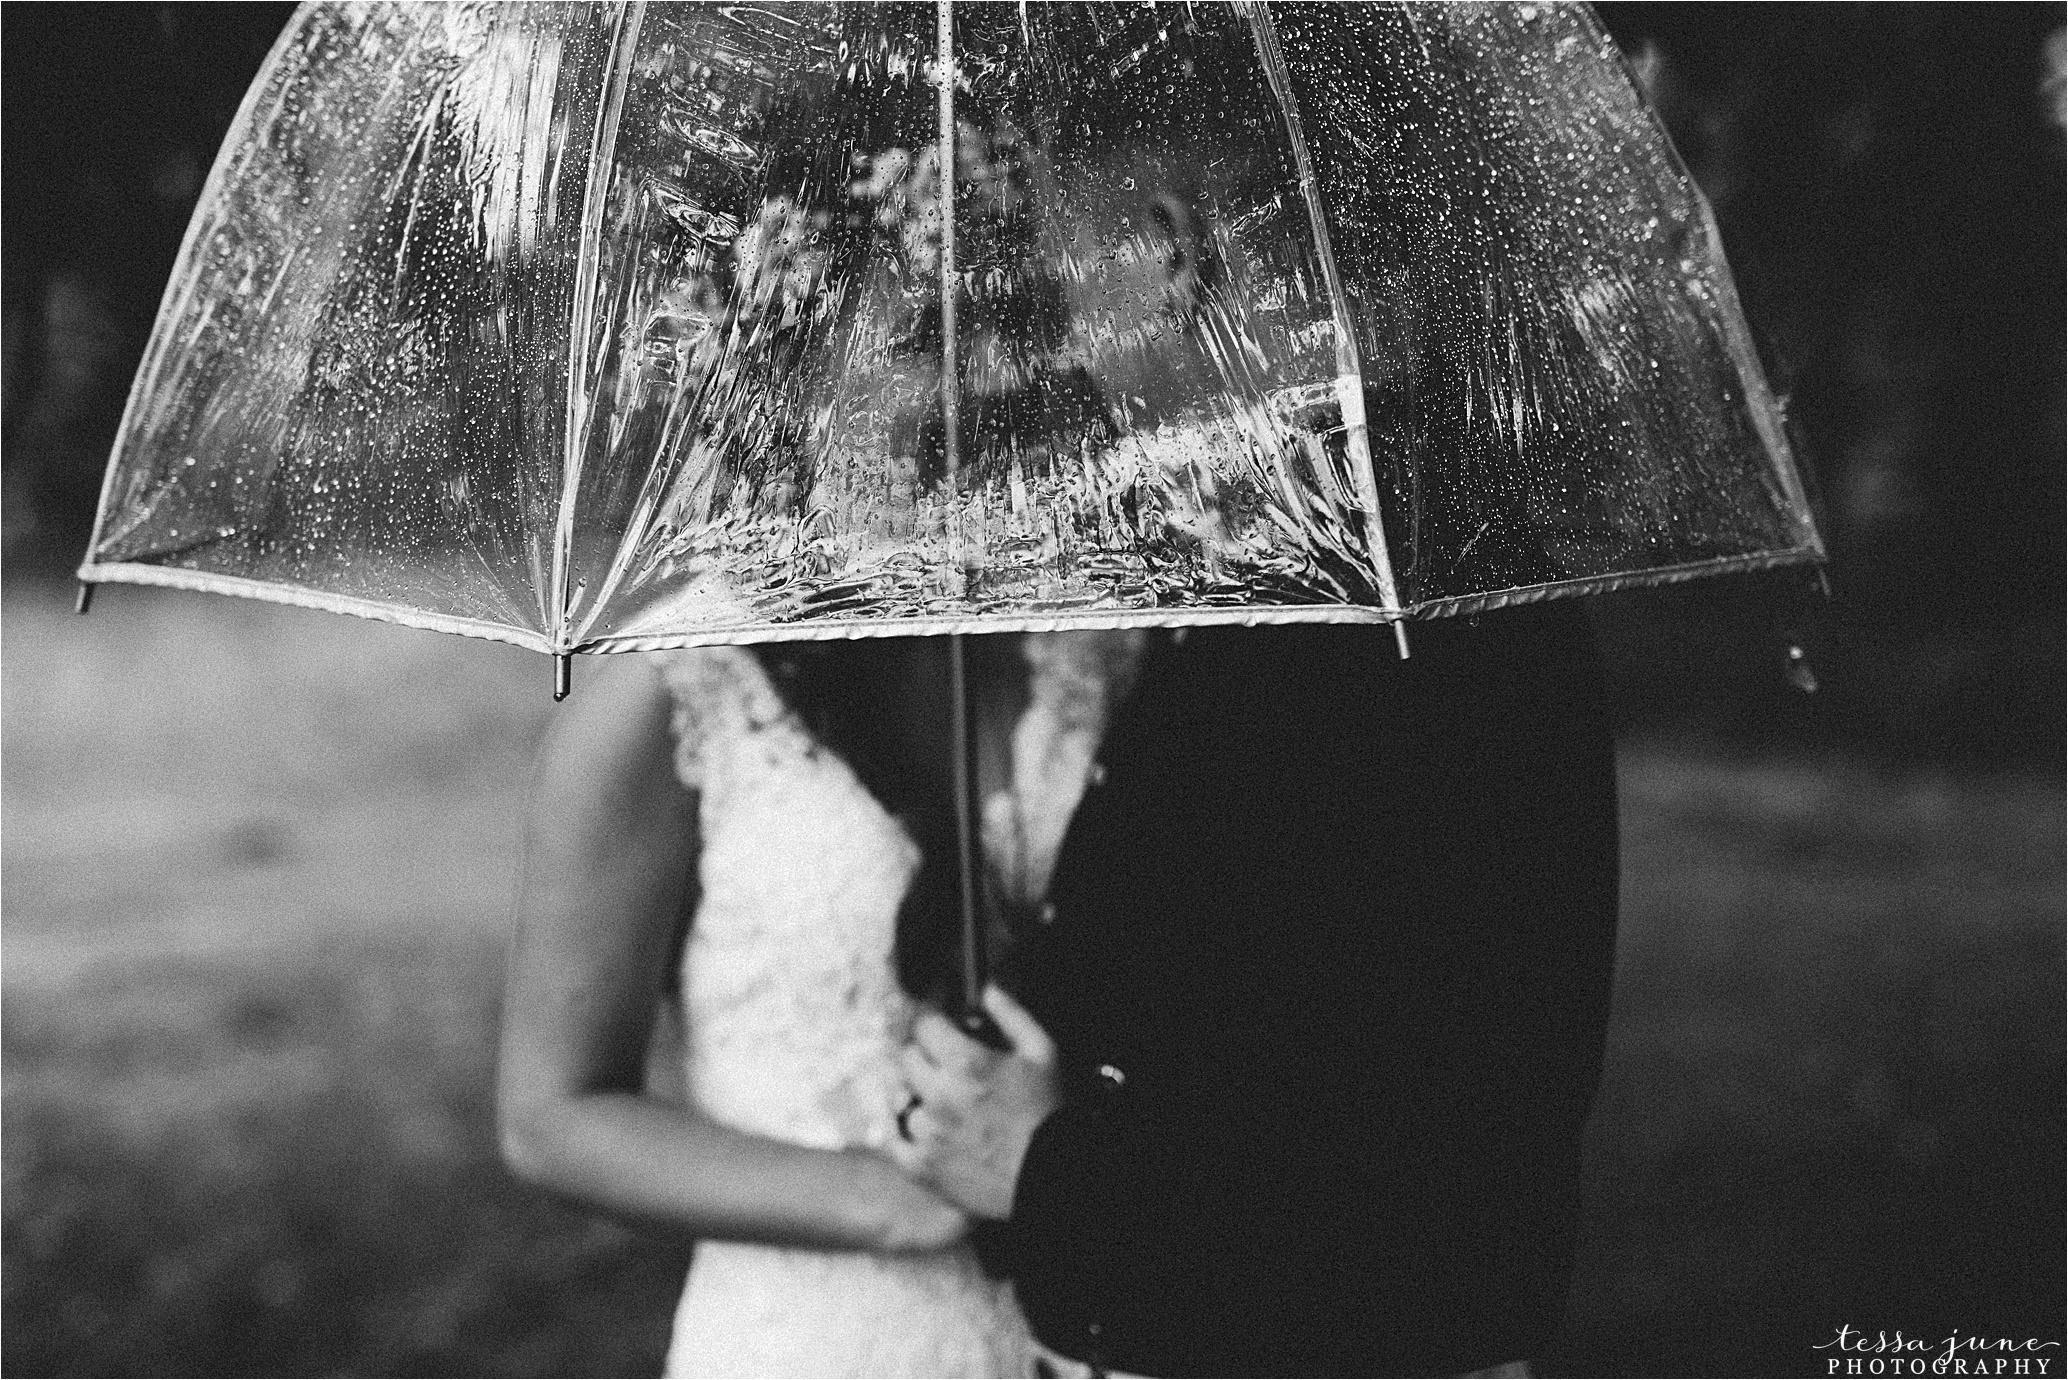 bohemian-forest-wedding-stillwater-minnesota-flower-crown-st-cloud-photographer-rain